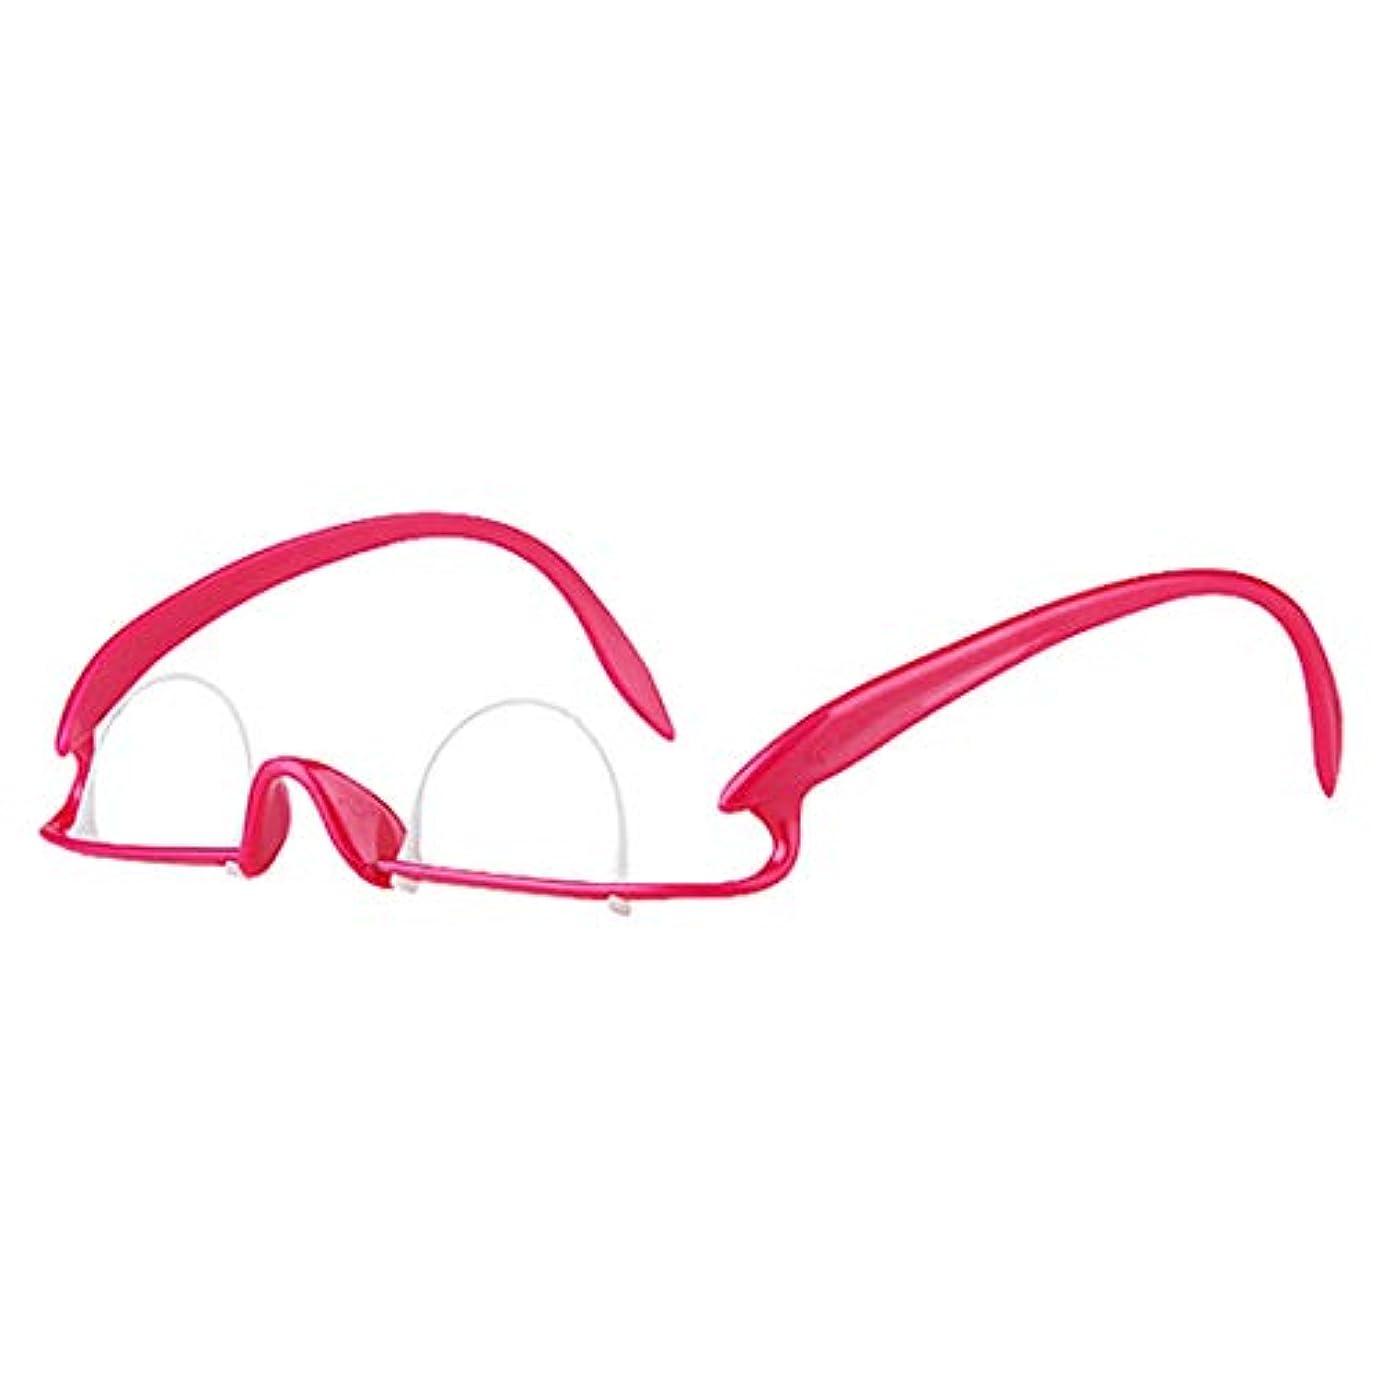 名声倫理三億騰 二重まぶた用メガネ 二重まぶた運動 二重まぶた形成 二重まぶた運動器 メガネトレーナー